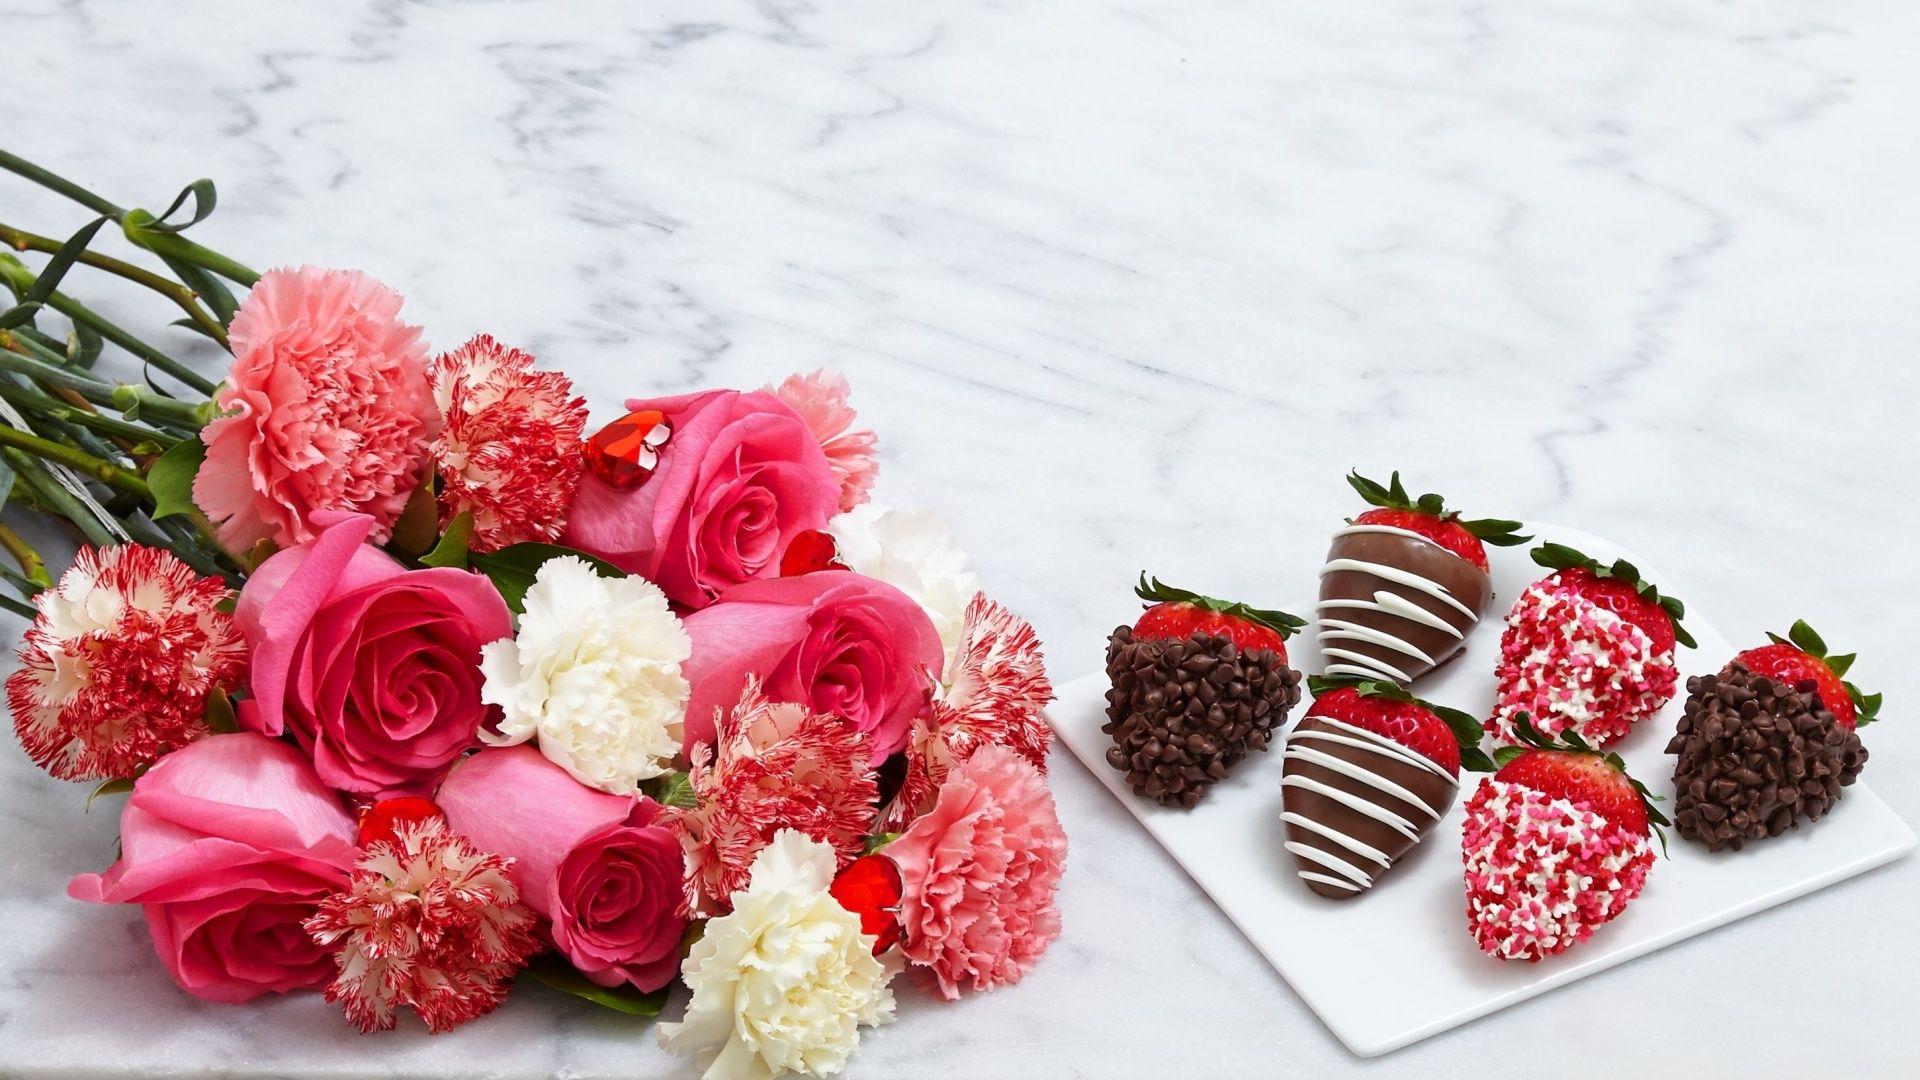 Цветы открытка шоколад, картинки надписями для